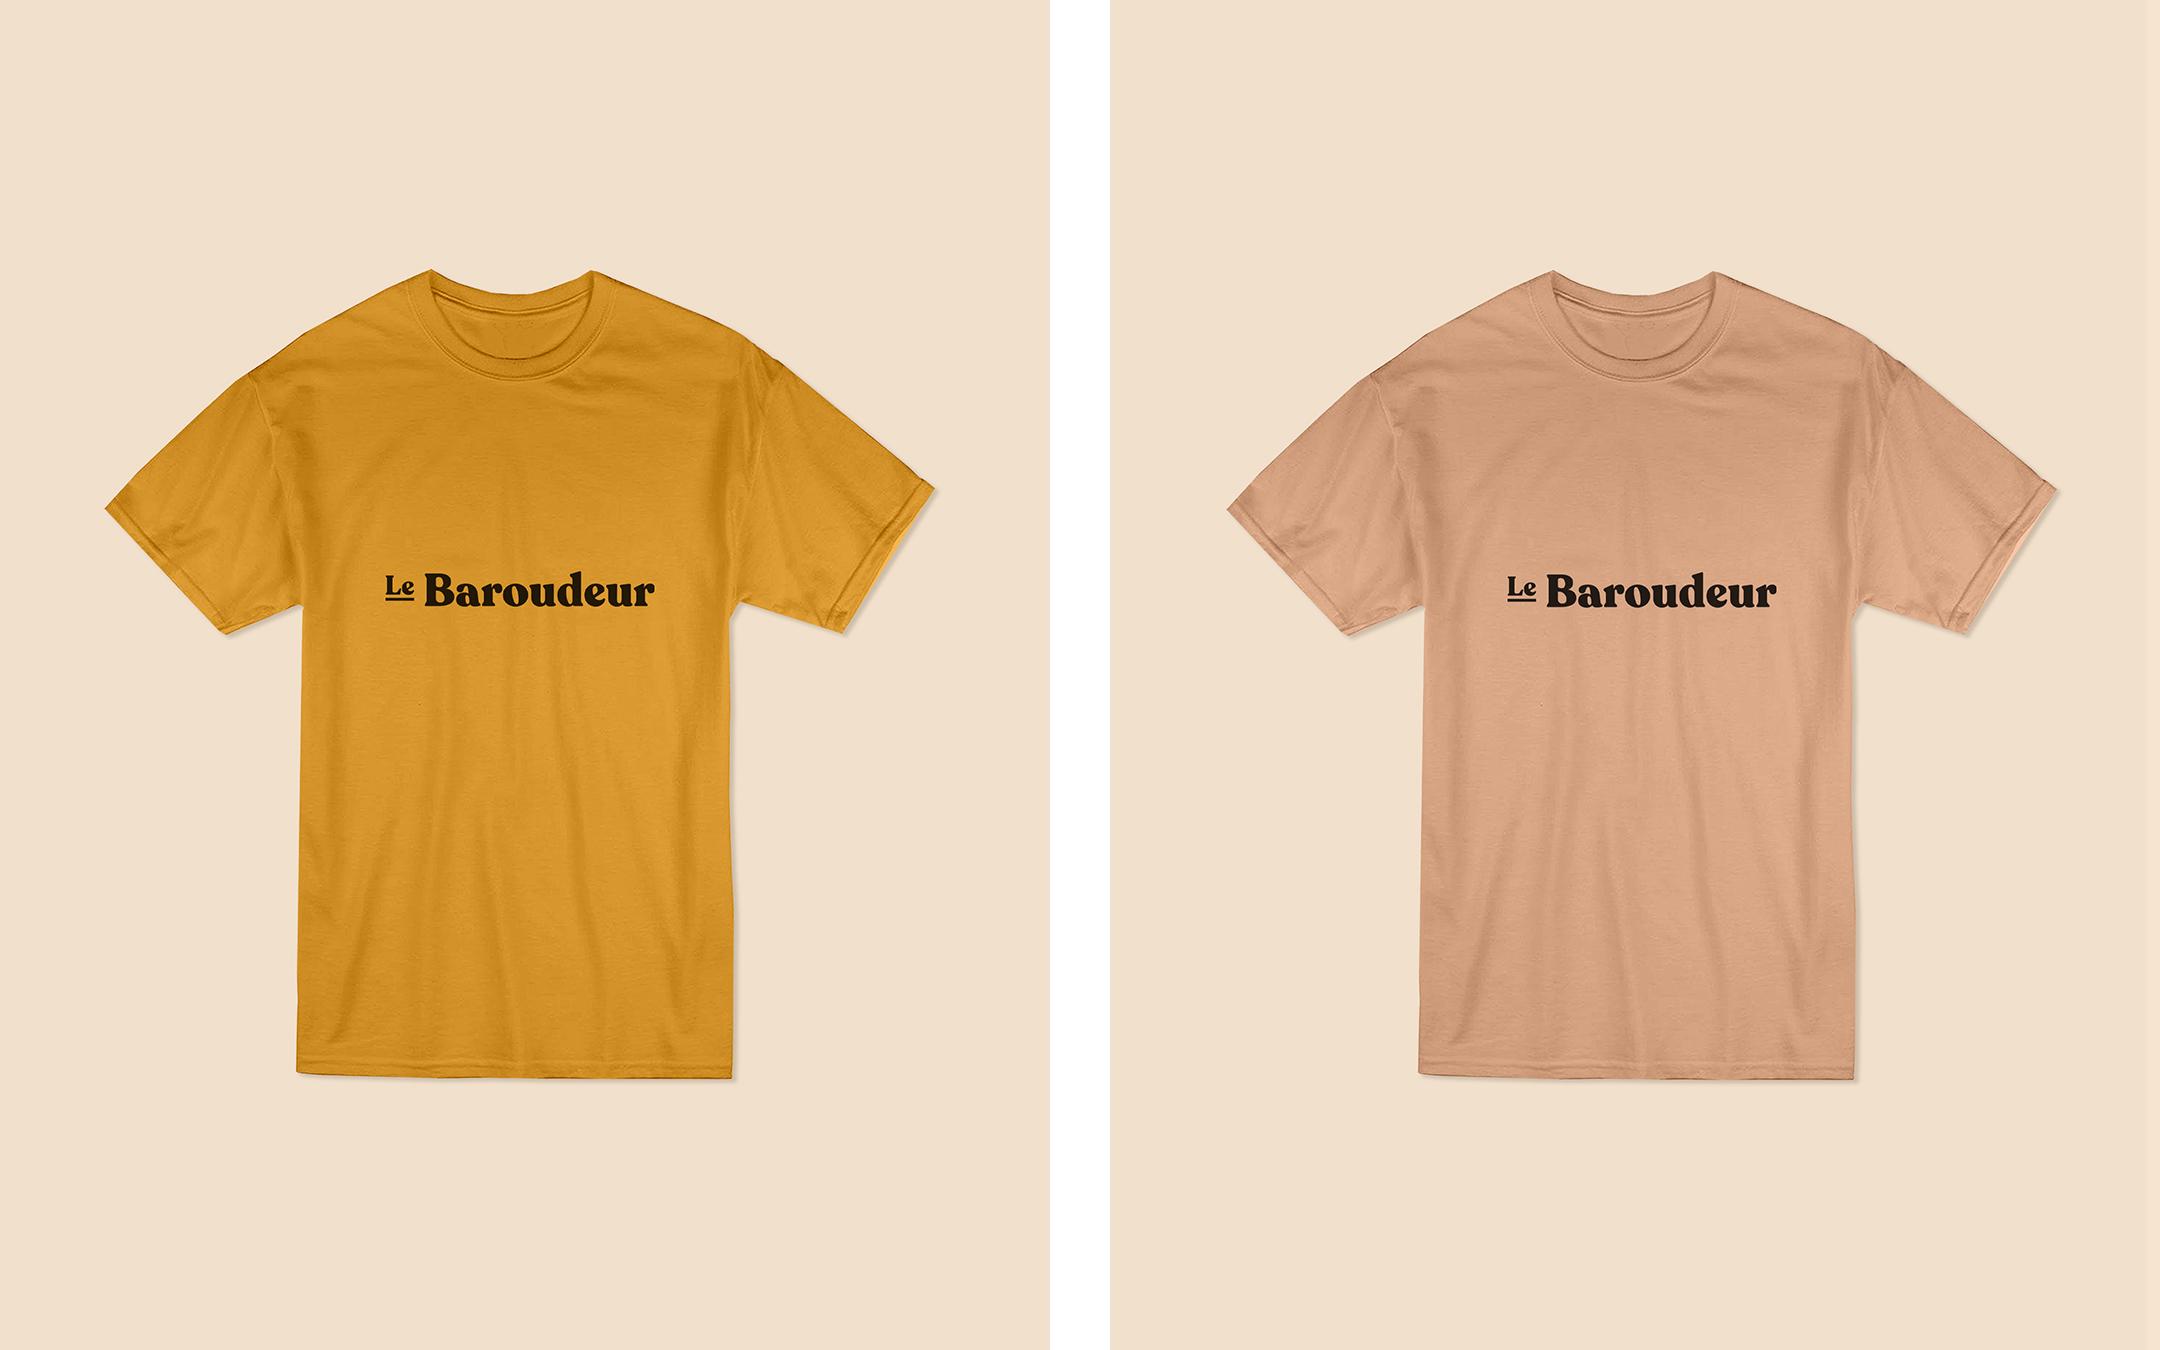 LeBourdeur_shirt